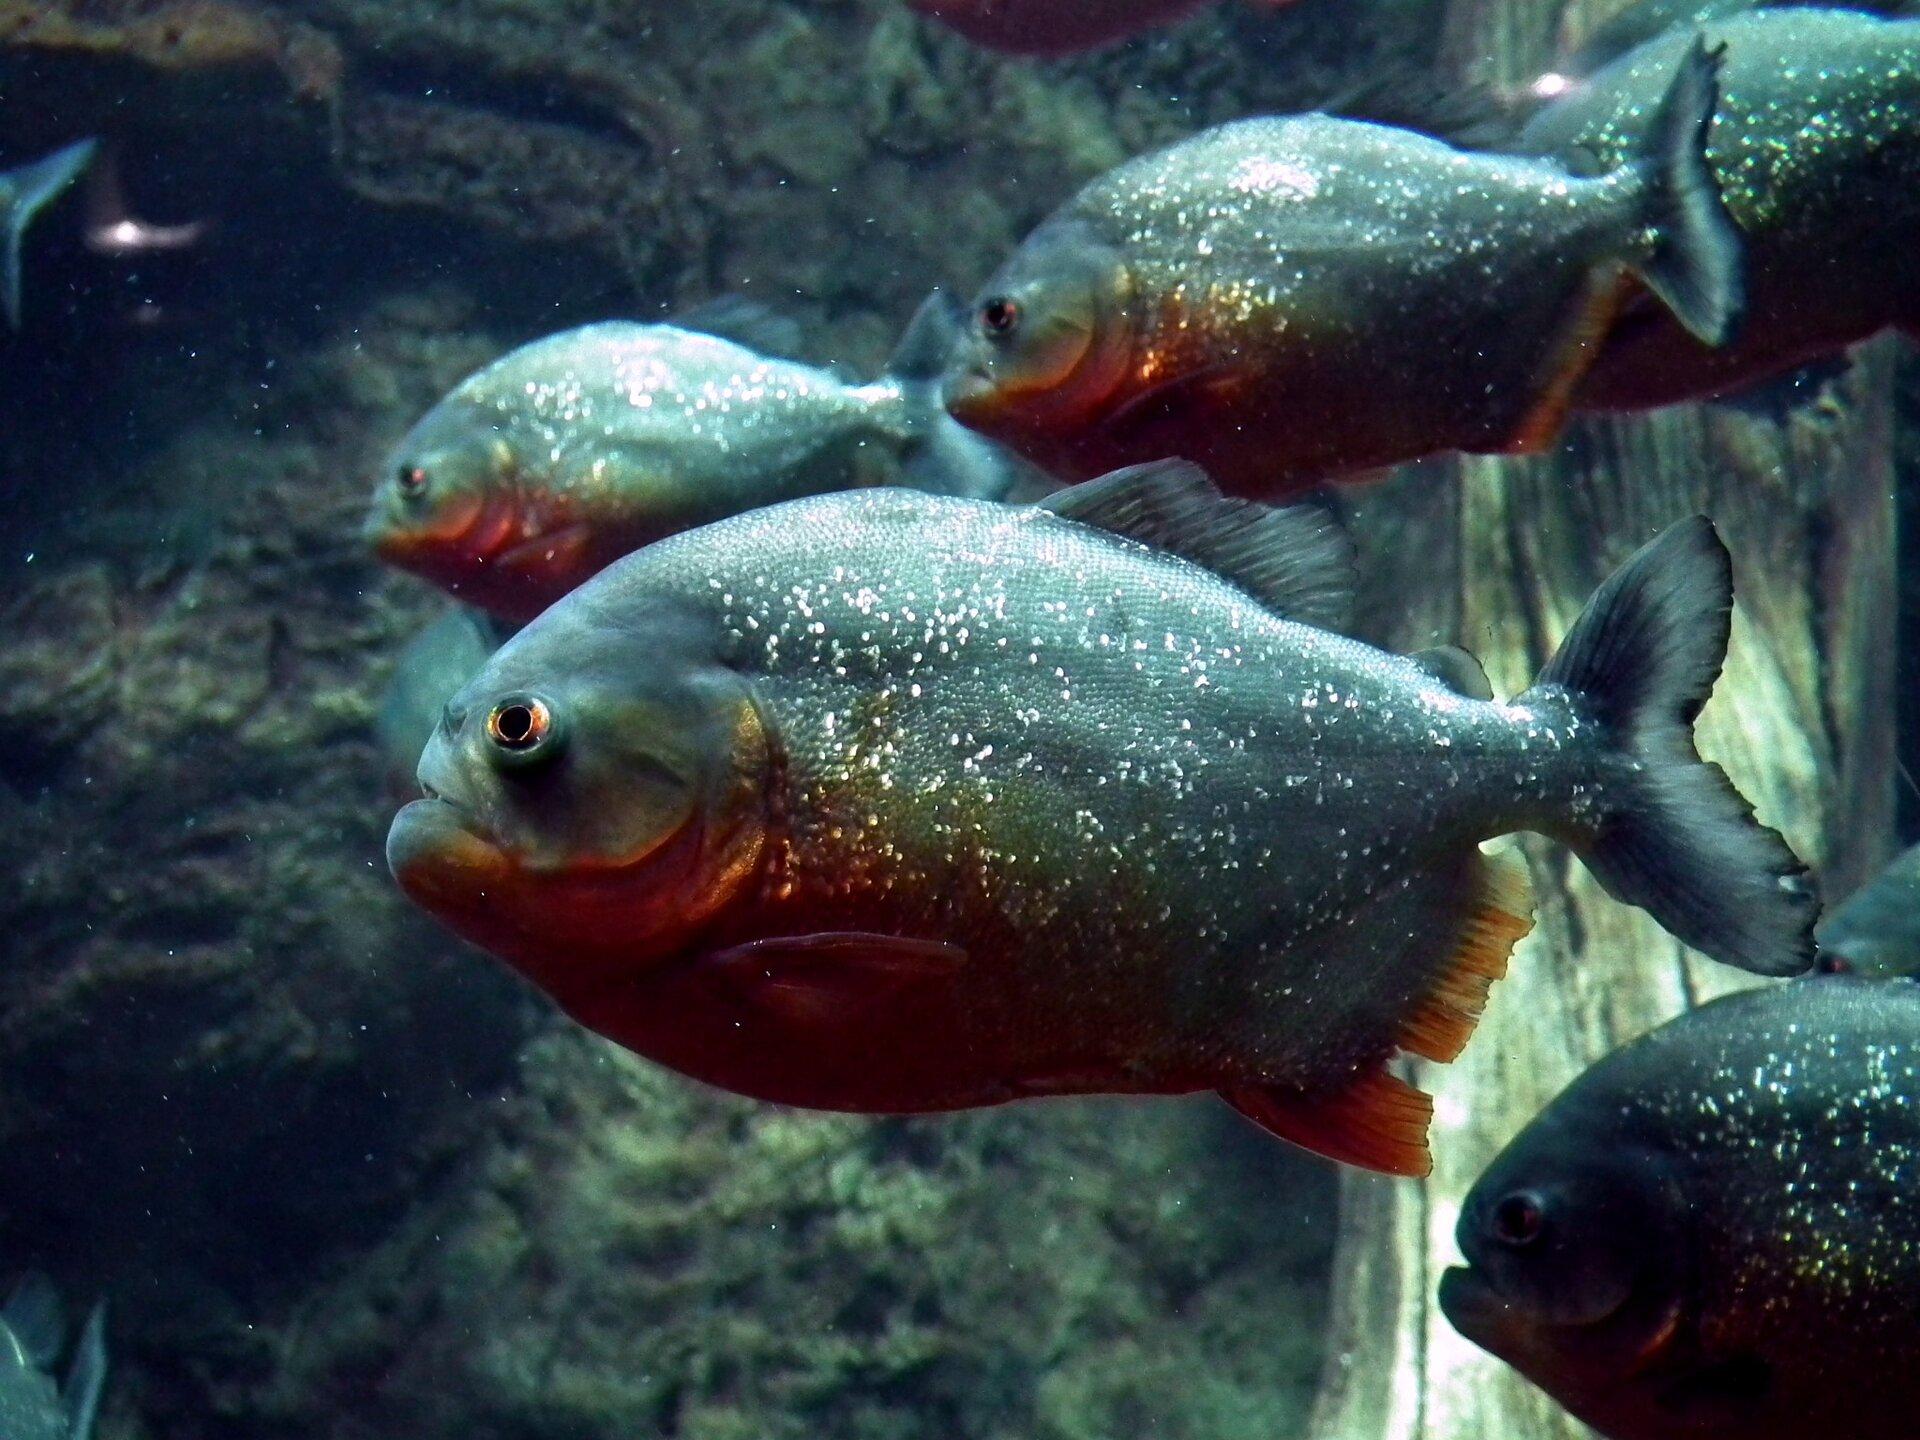 Fotografia grupy piranii. Pirania to ryba ociele owalnym zboku, silnie spłaszczonym bocznie. Ubarwienie szaroniebieskie zsrebrzystymi plamkami. Od spodu rdzawo-pomarańczowe. Płetwy niewielkie. Szczęki są silne, wyposażone wdrobne zęby.